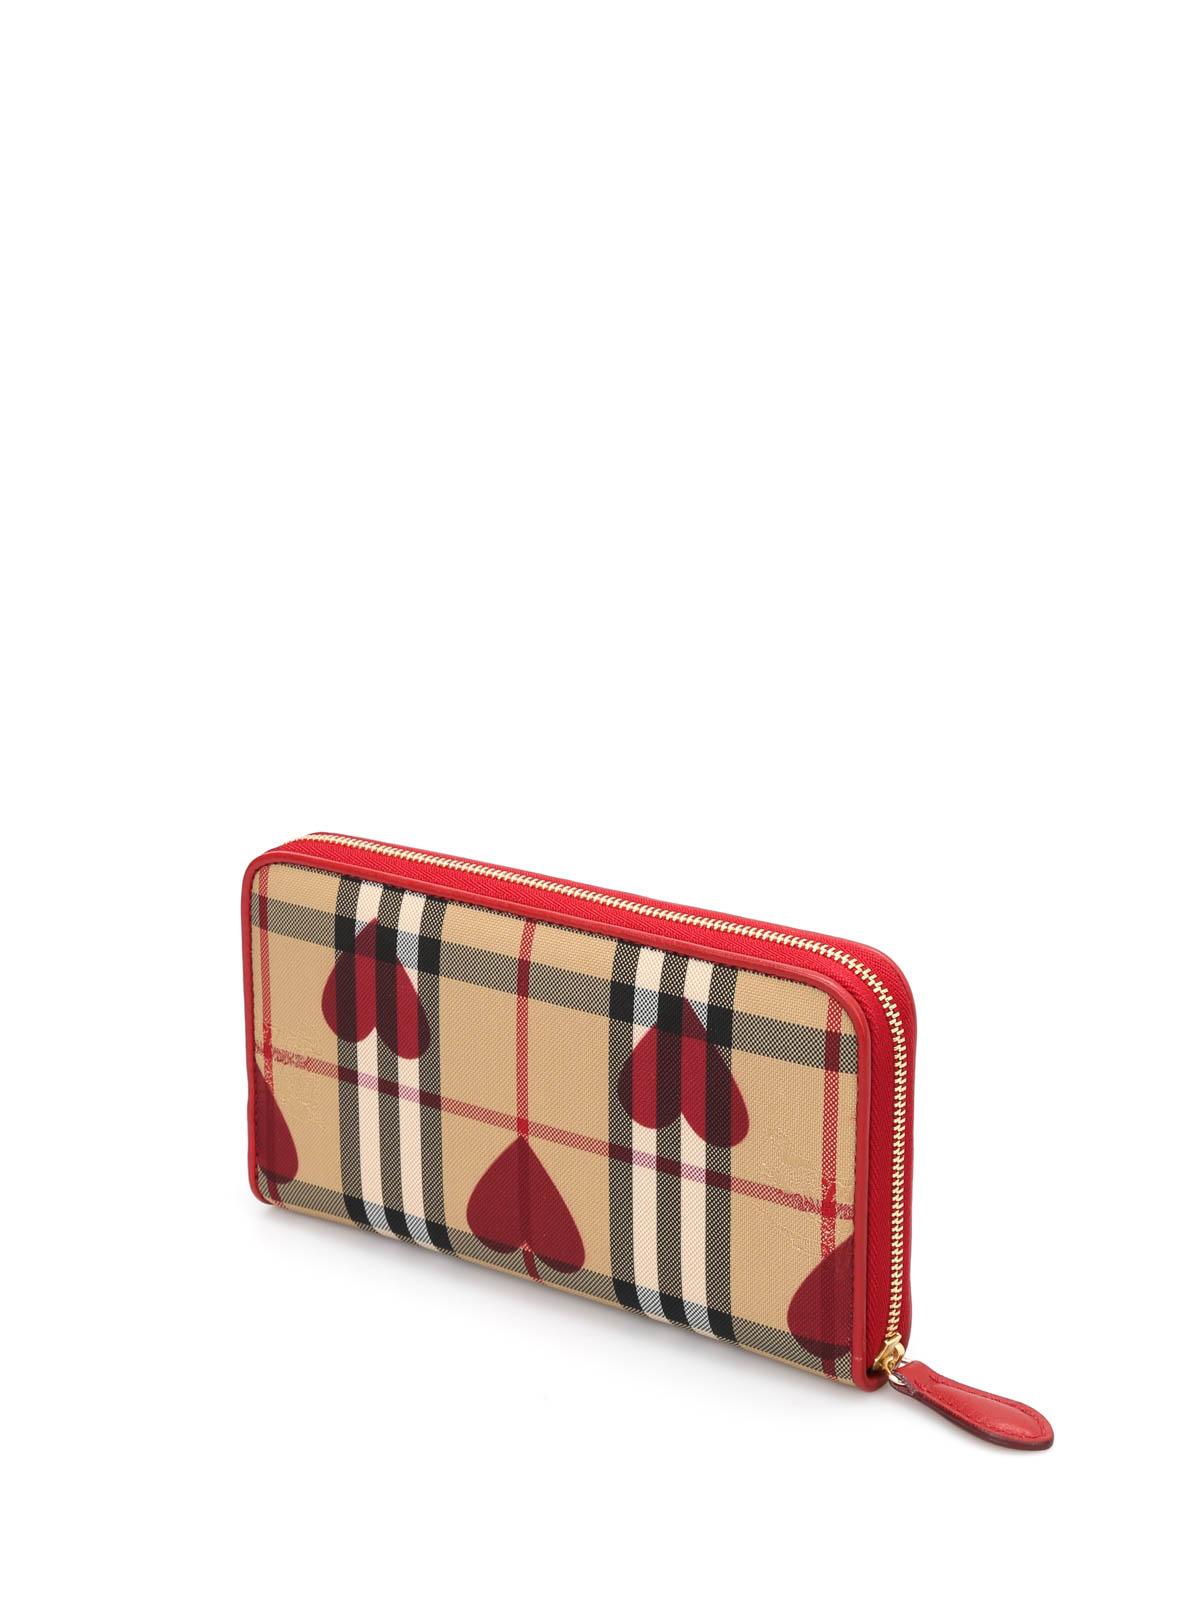 burberry wallets online. Black Bedroom Furniture Sets. Home Design Ideas